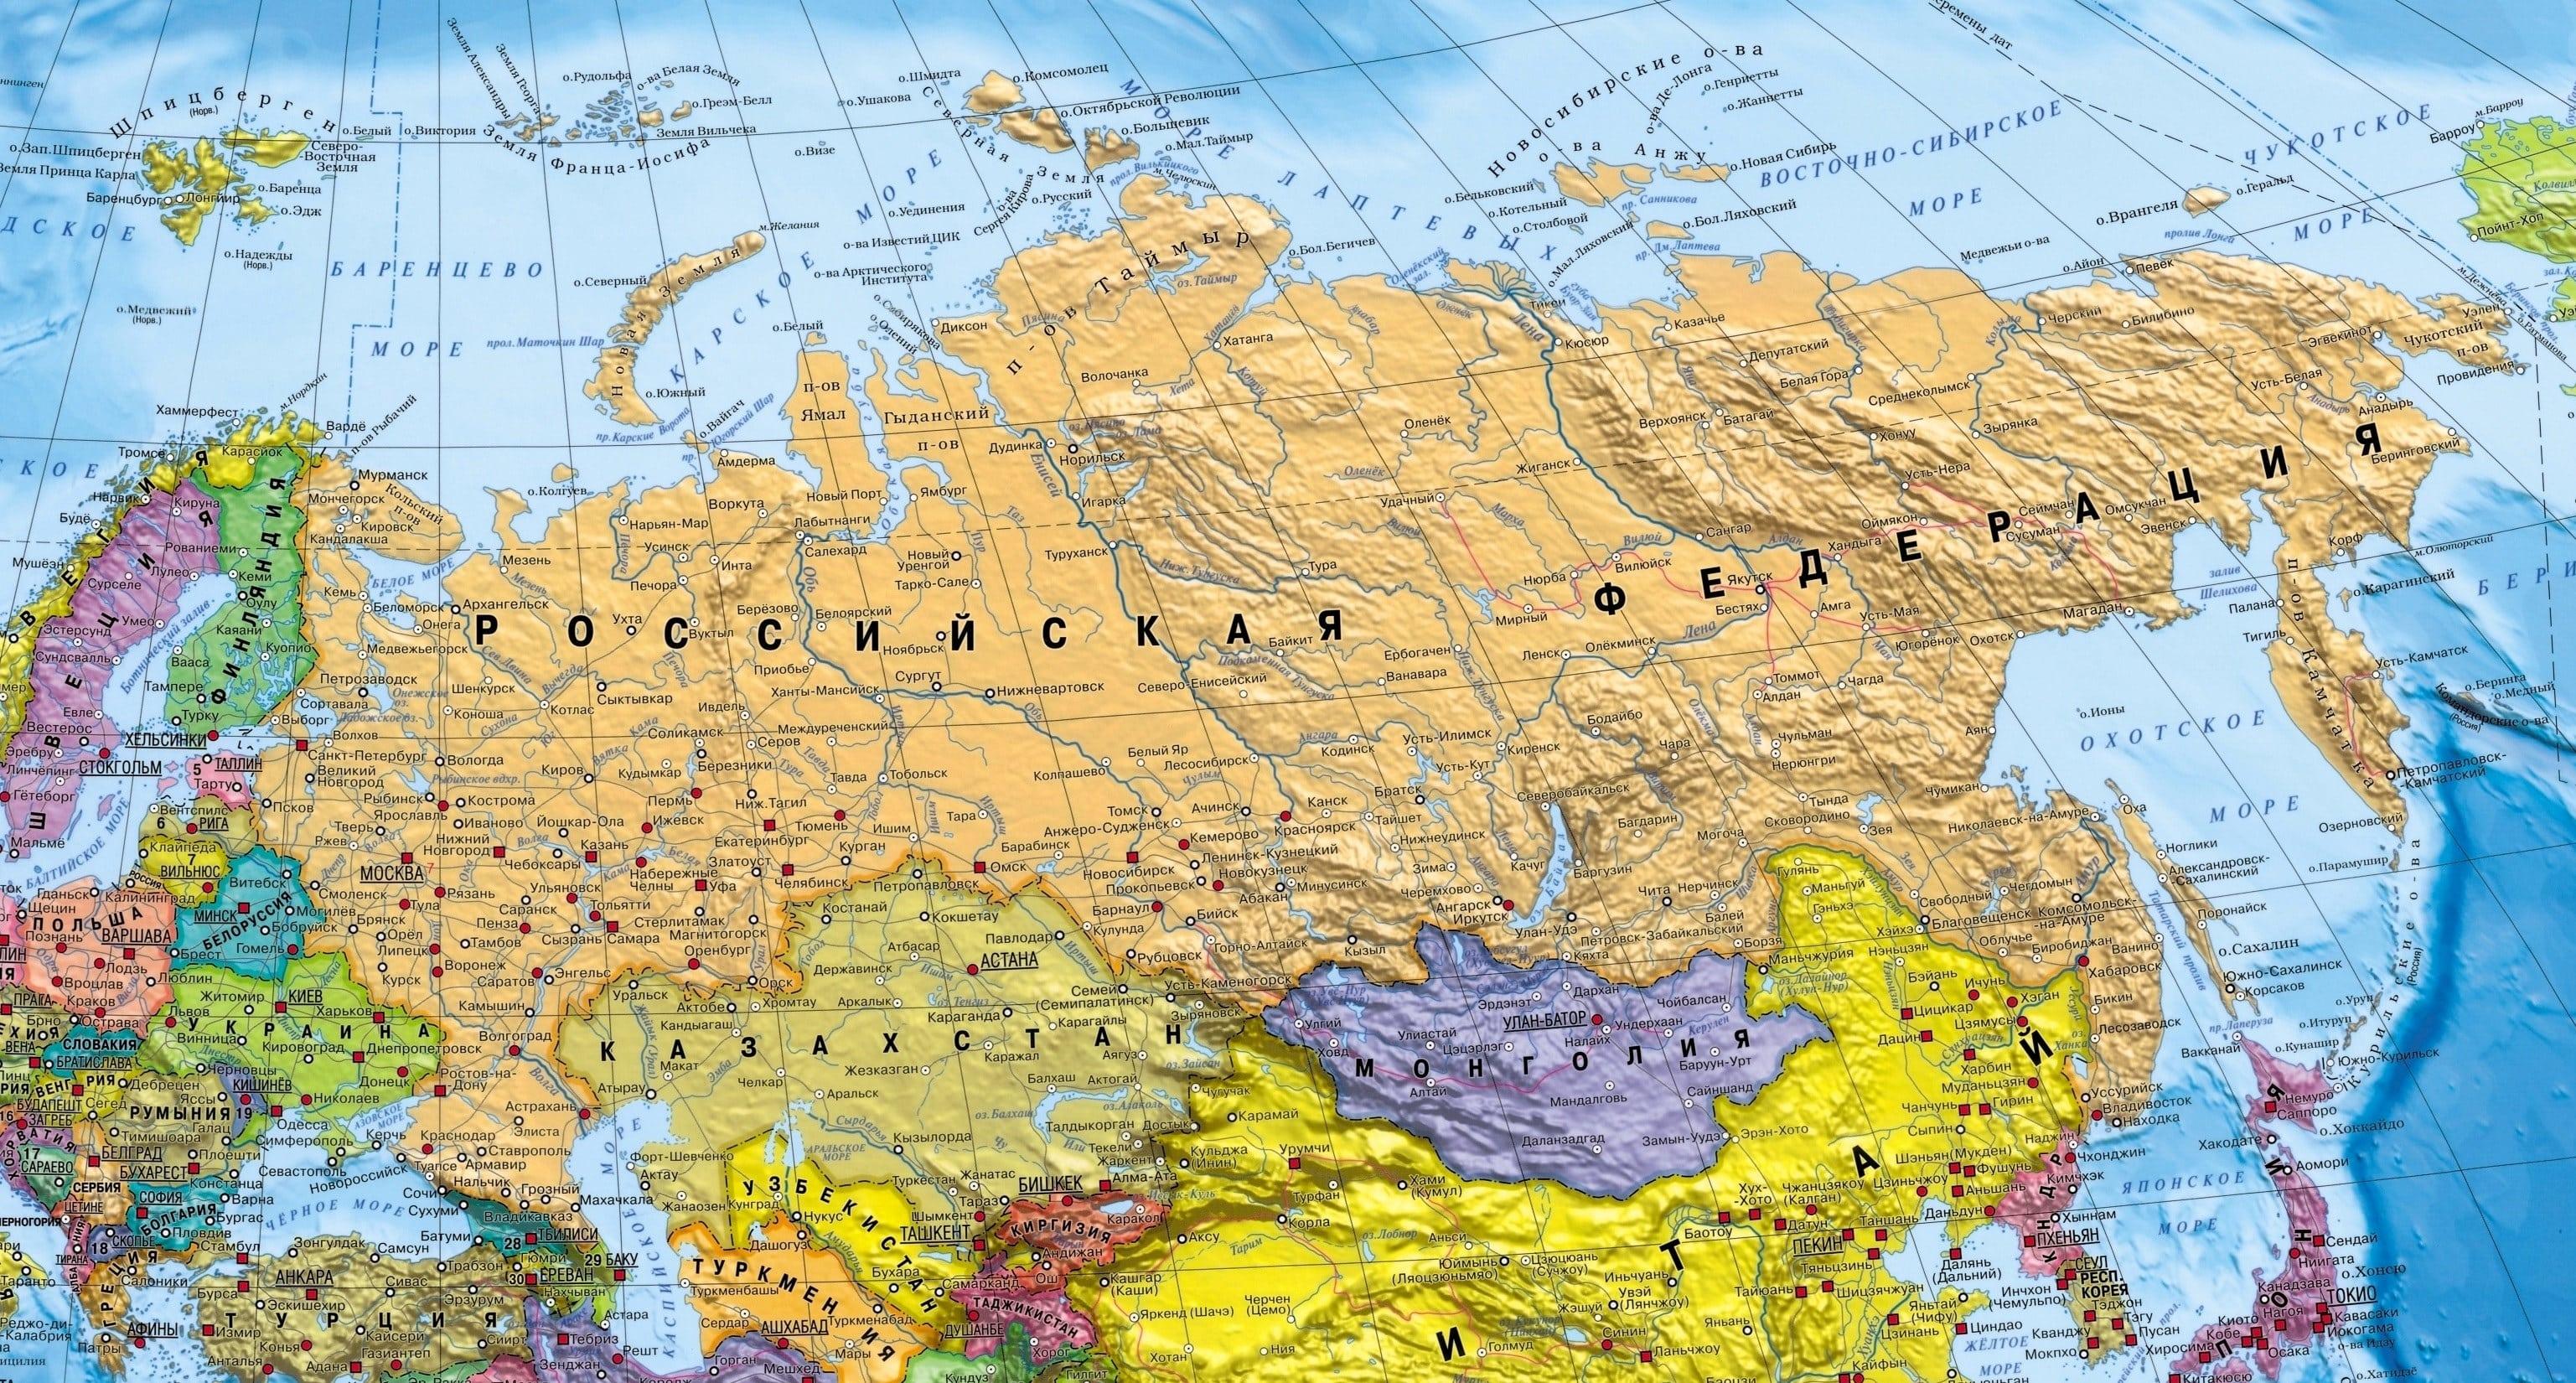 железобетонные территория рф на карте мира фото всю голову сломала